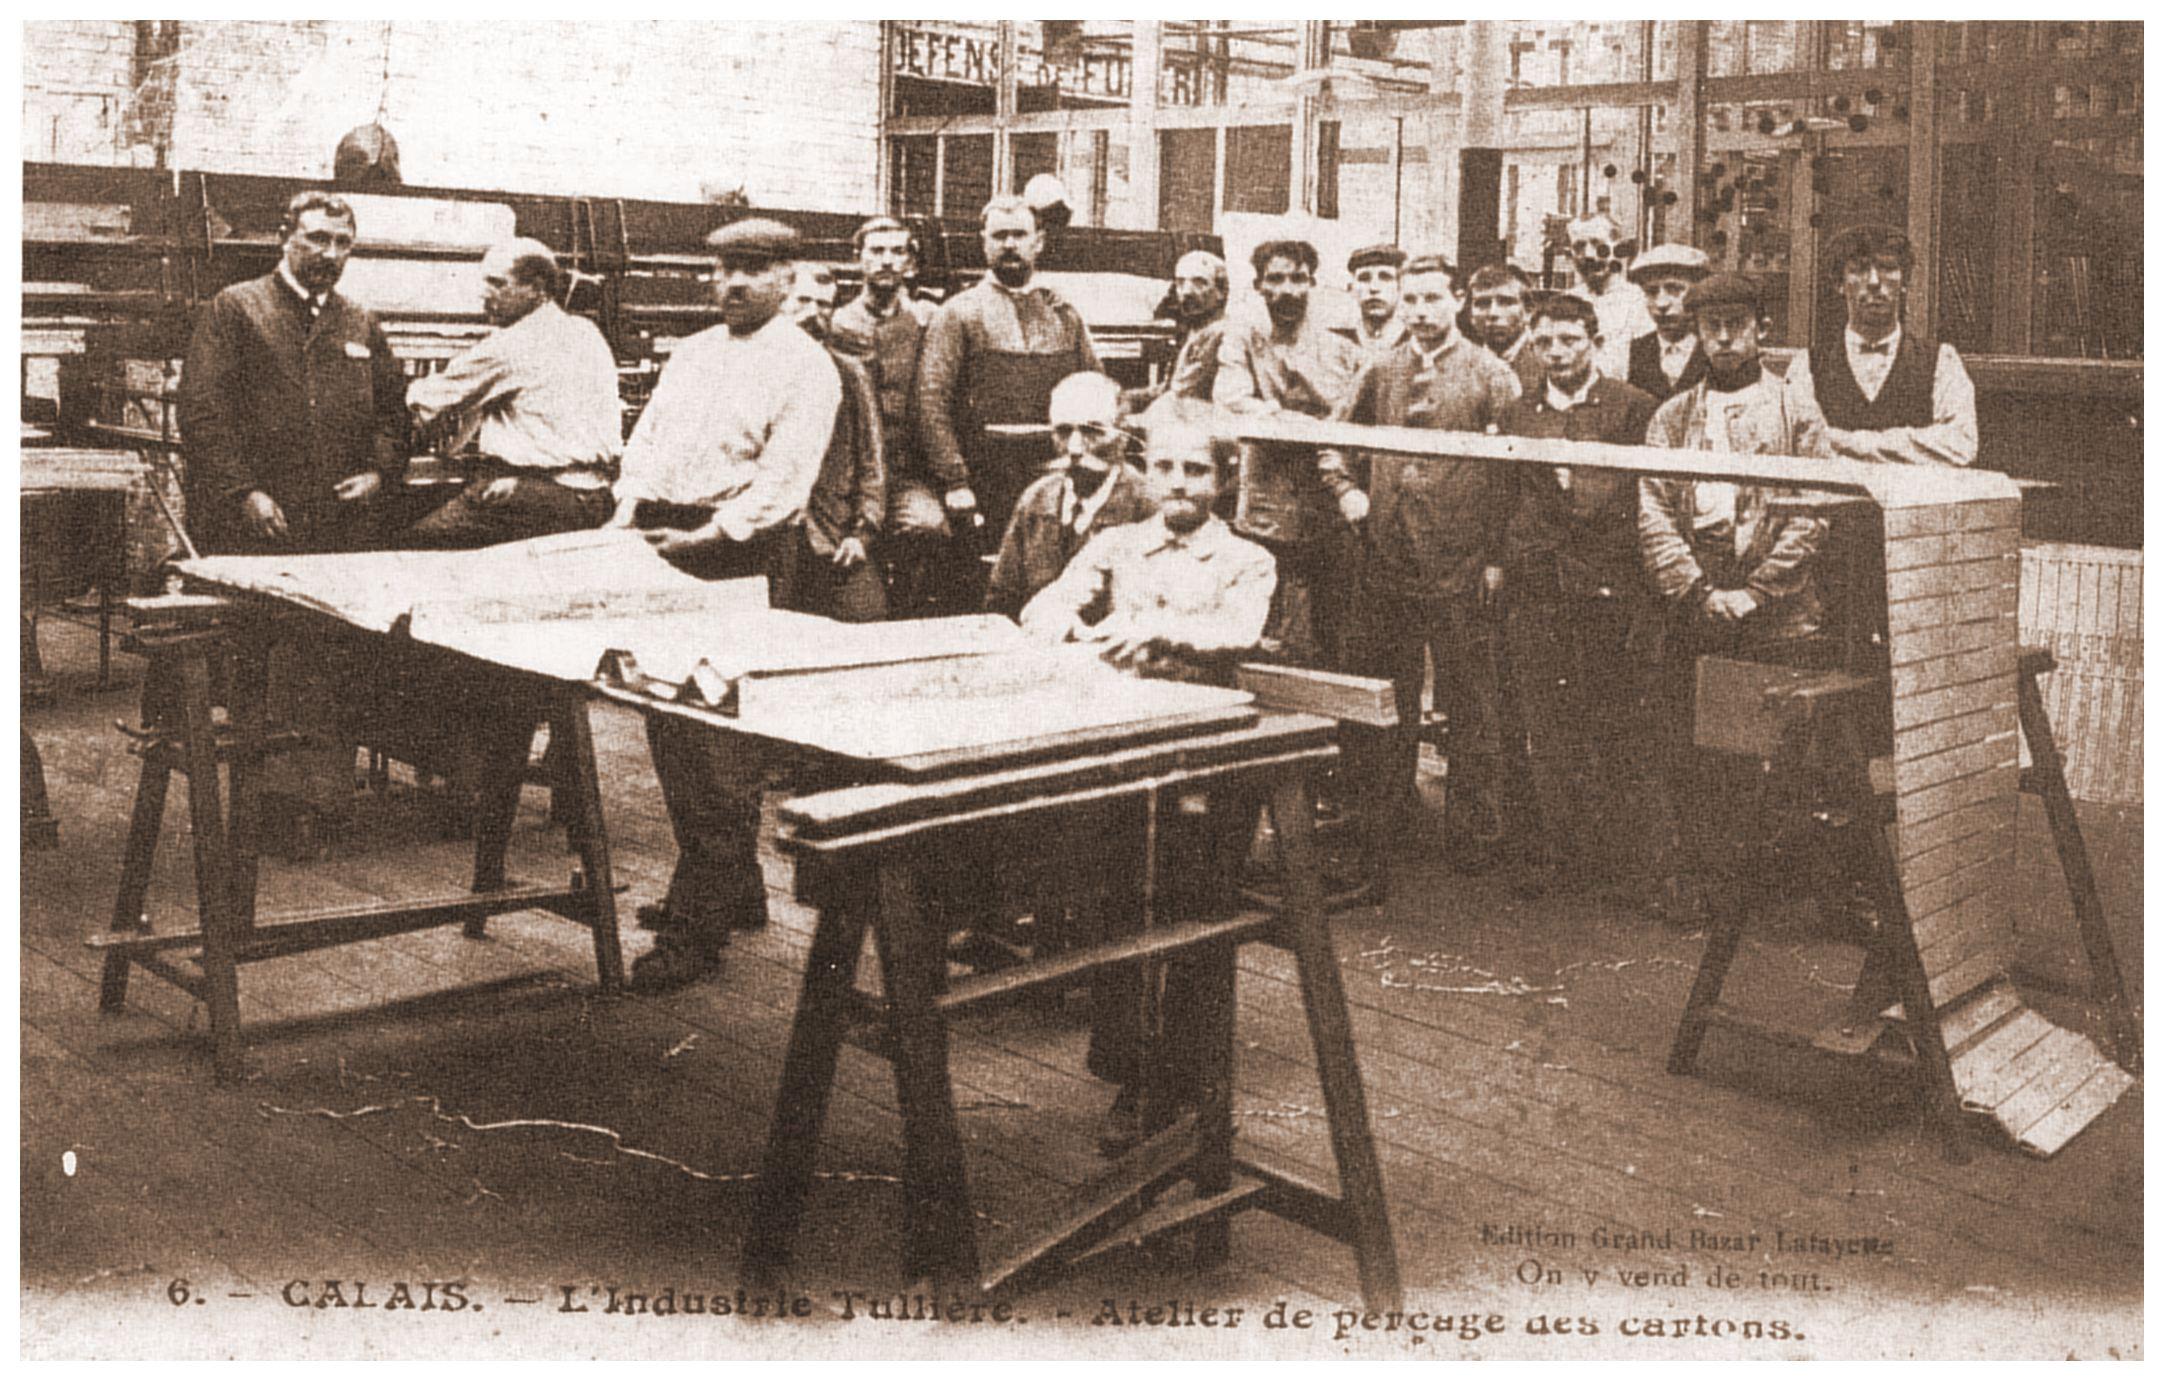 Calais - atelier de perçage des cartons dans l'industrie dentellière